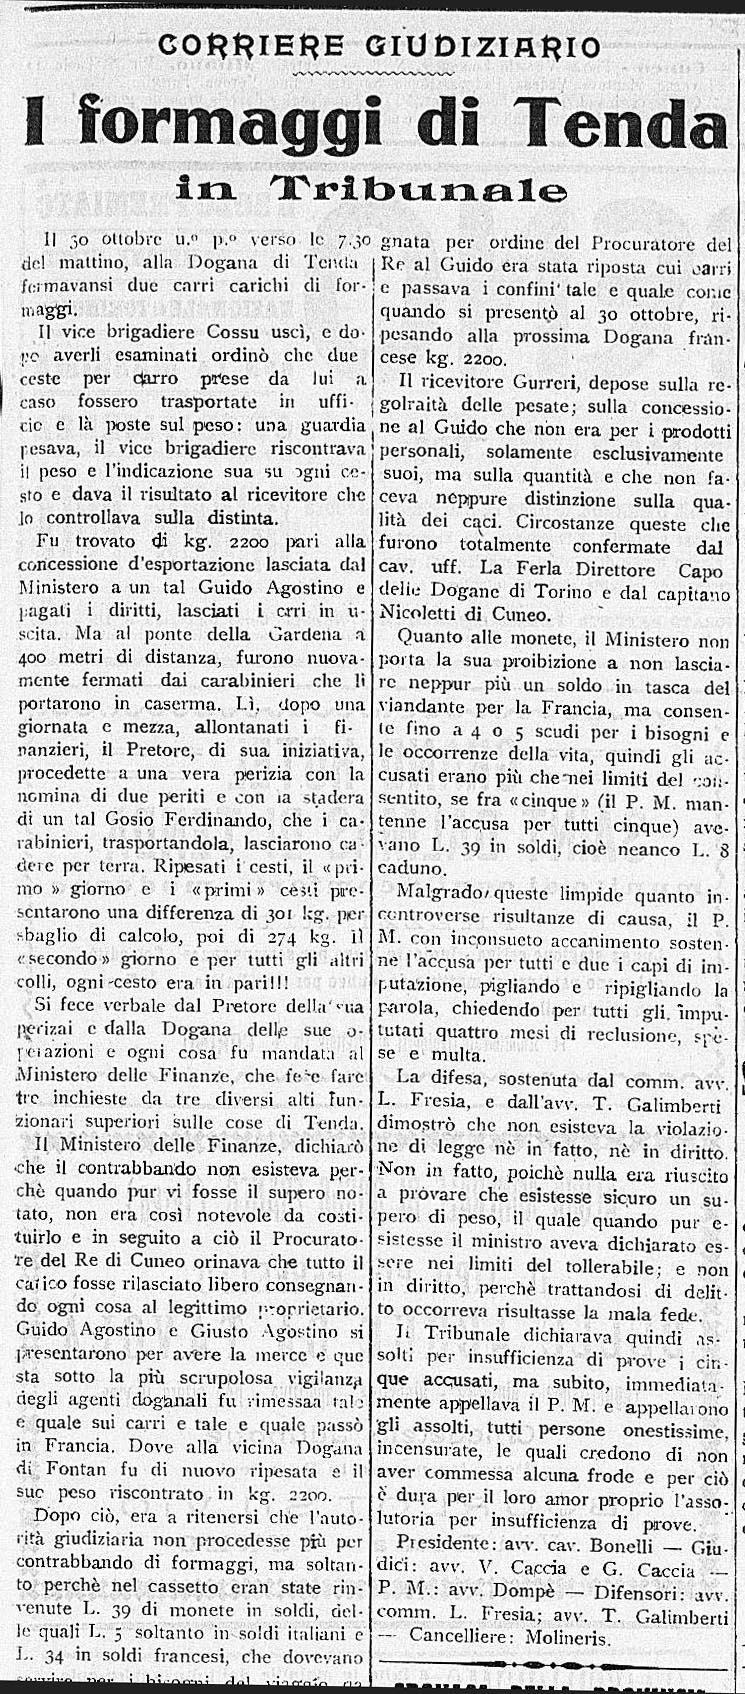 155 du 2 7 1917a